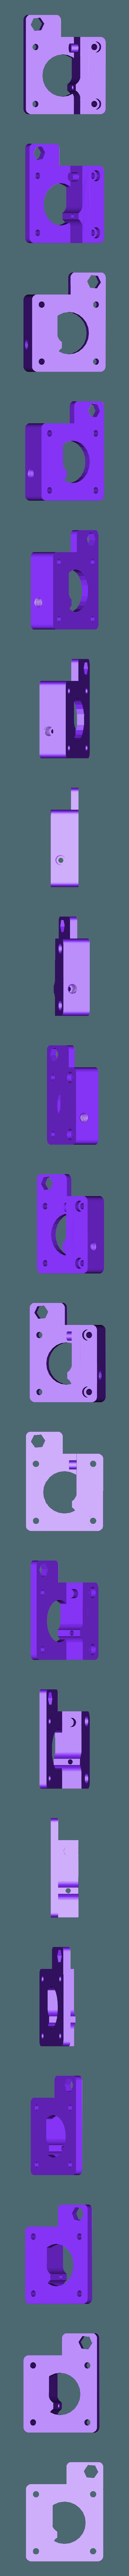 NEW_Extrusor_2_Parte_Superior_parte_fija_con_tuerca_M4_en_enclavamiento_y_menor_tension_muelle_enclavamiento.stl Télécharger fichier STL gratuit Doble Extrusor para montaje en Bowden con un sólo motor • Objet imprimable en 3D, celtarra12